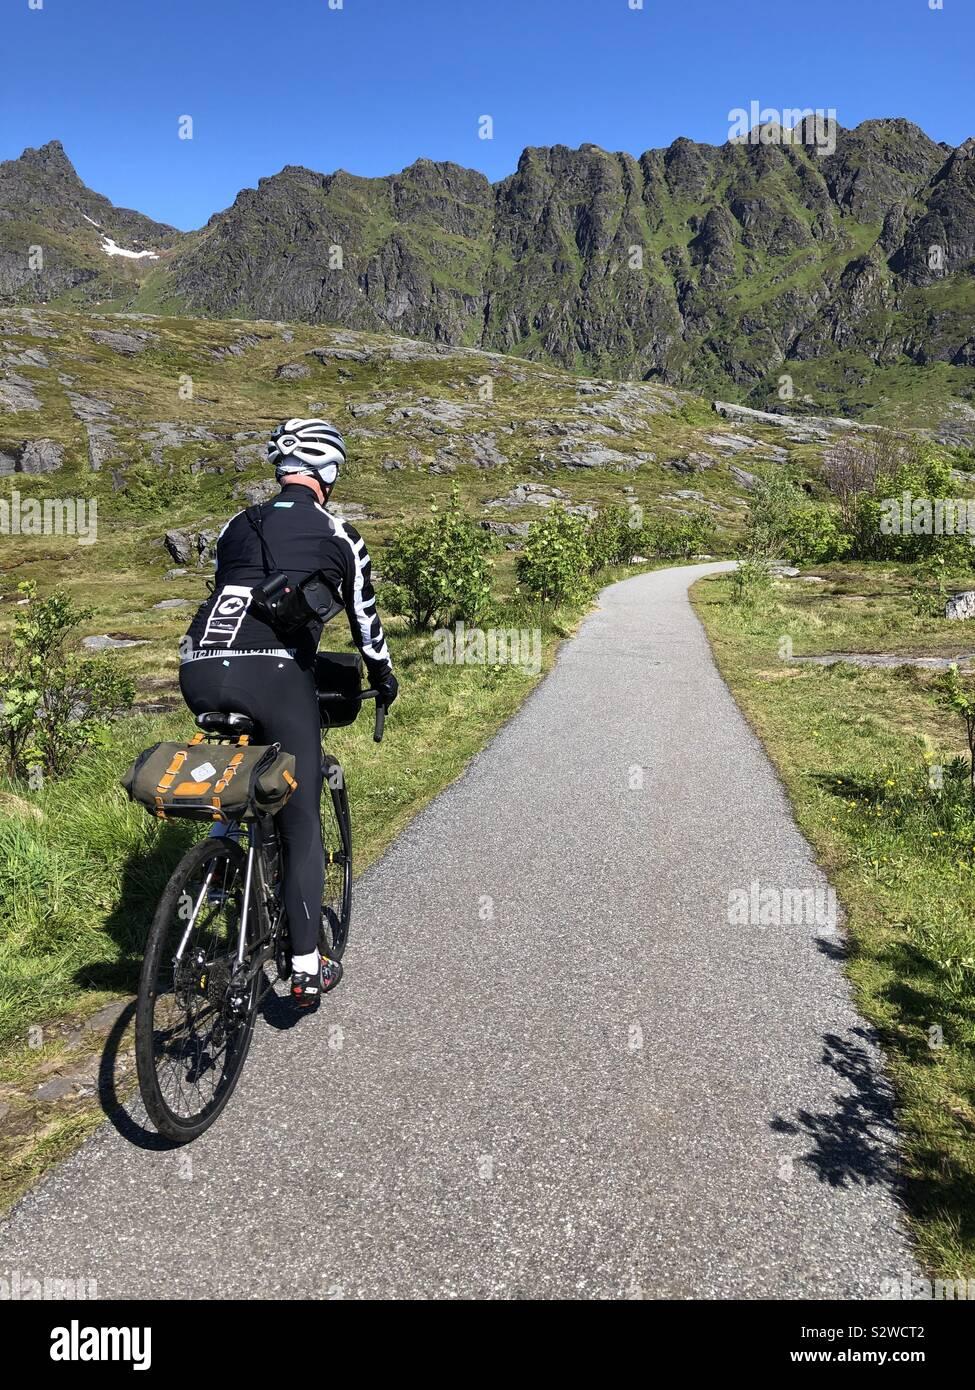 Maschio ciclista pedalando attraverso le isole Lofoten in Norvegia. Foto Stock